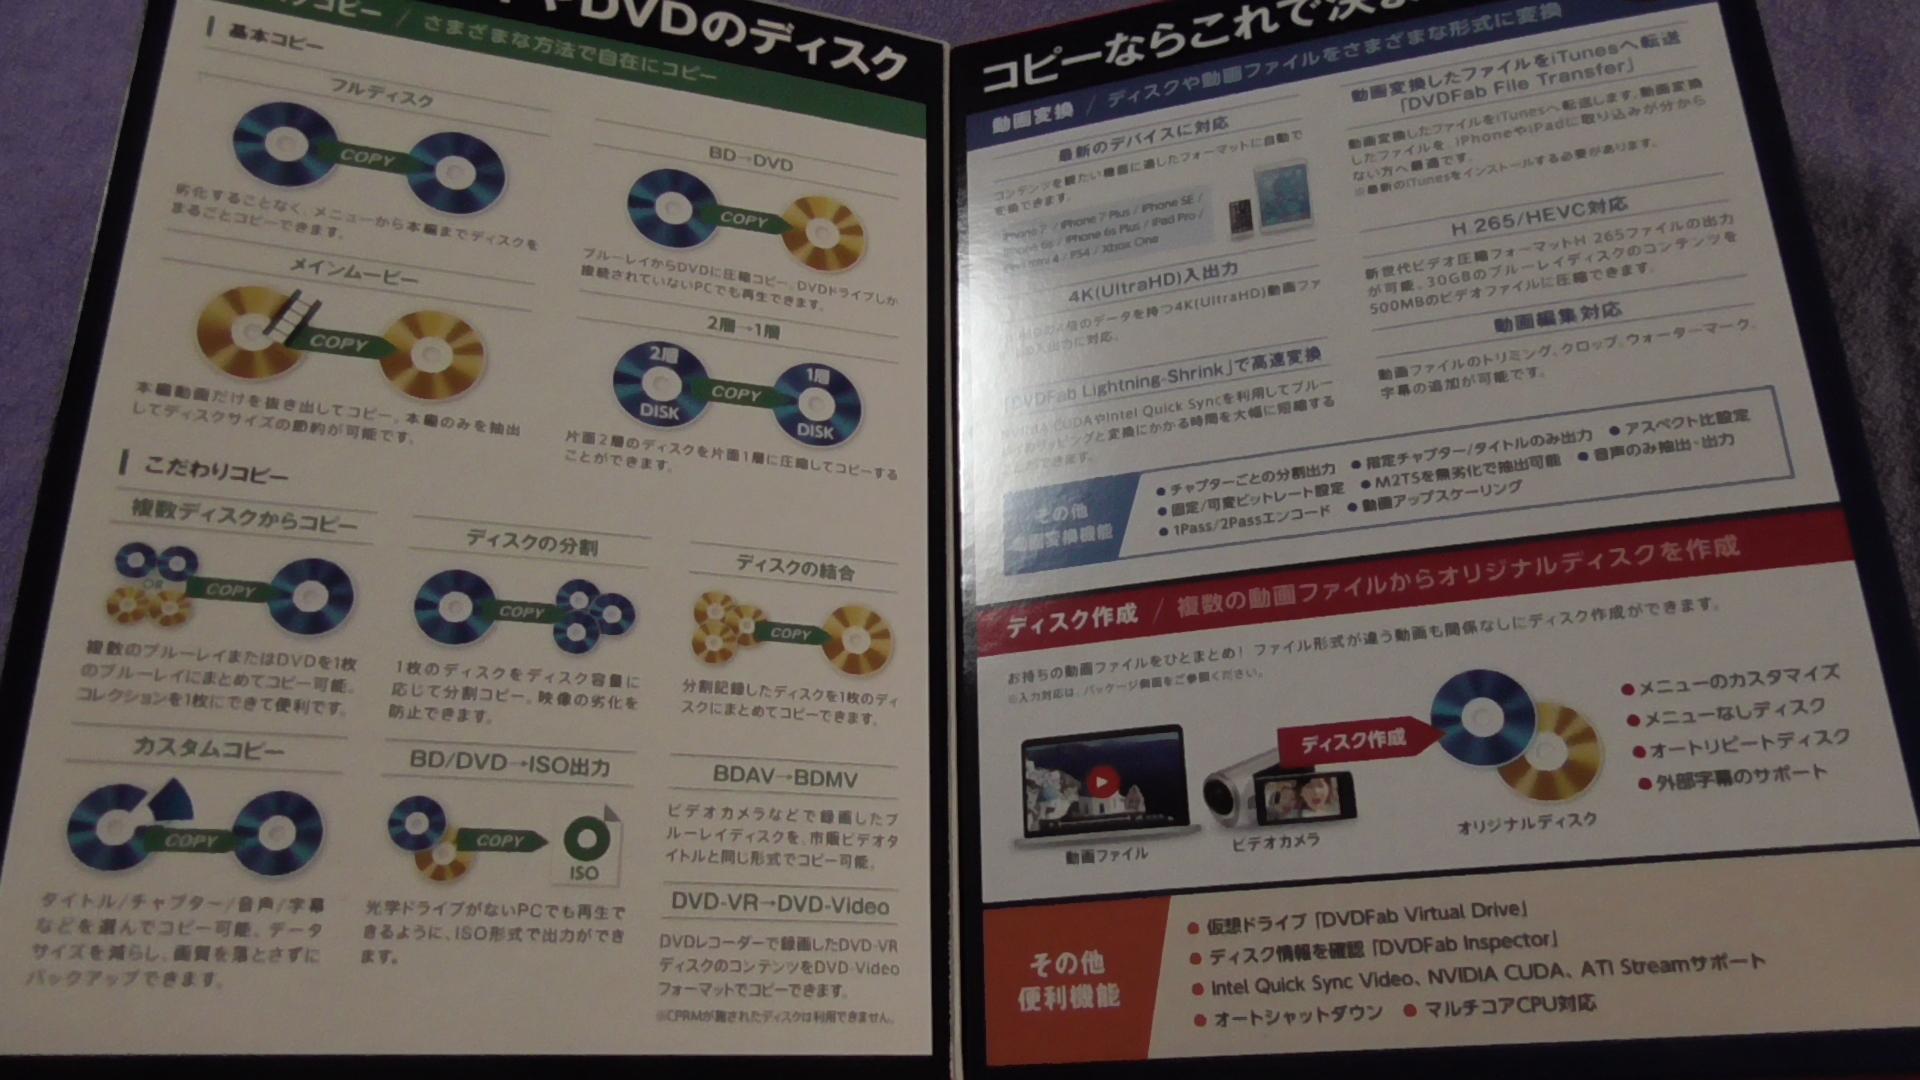 MDVDFab X BD&DVD コピープレミアム4.jpg